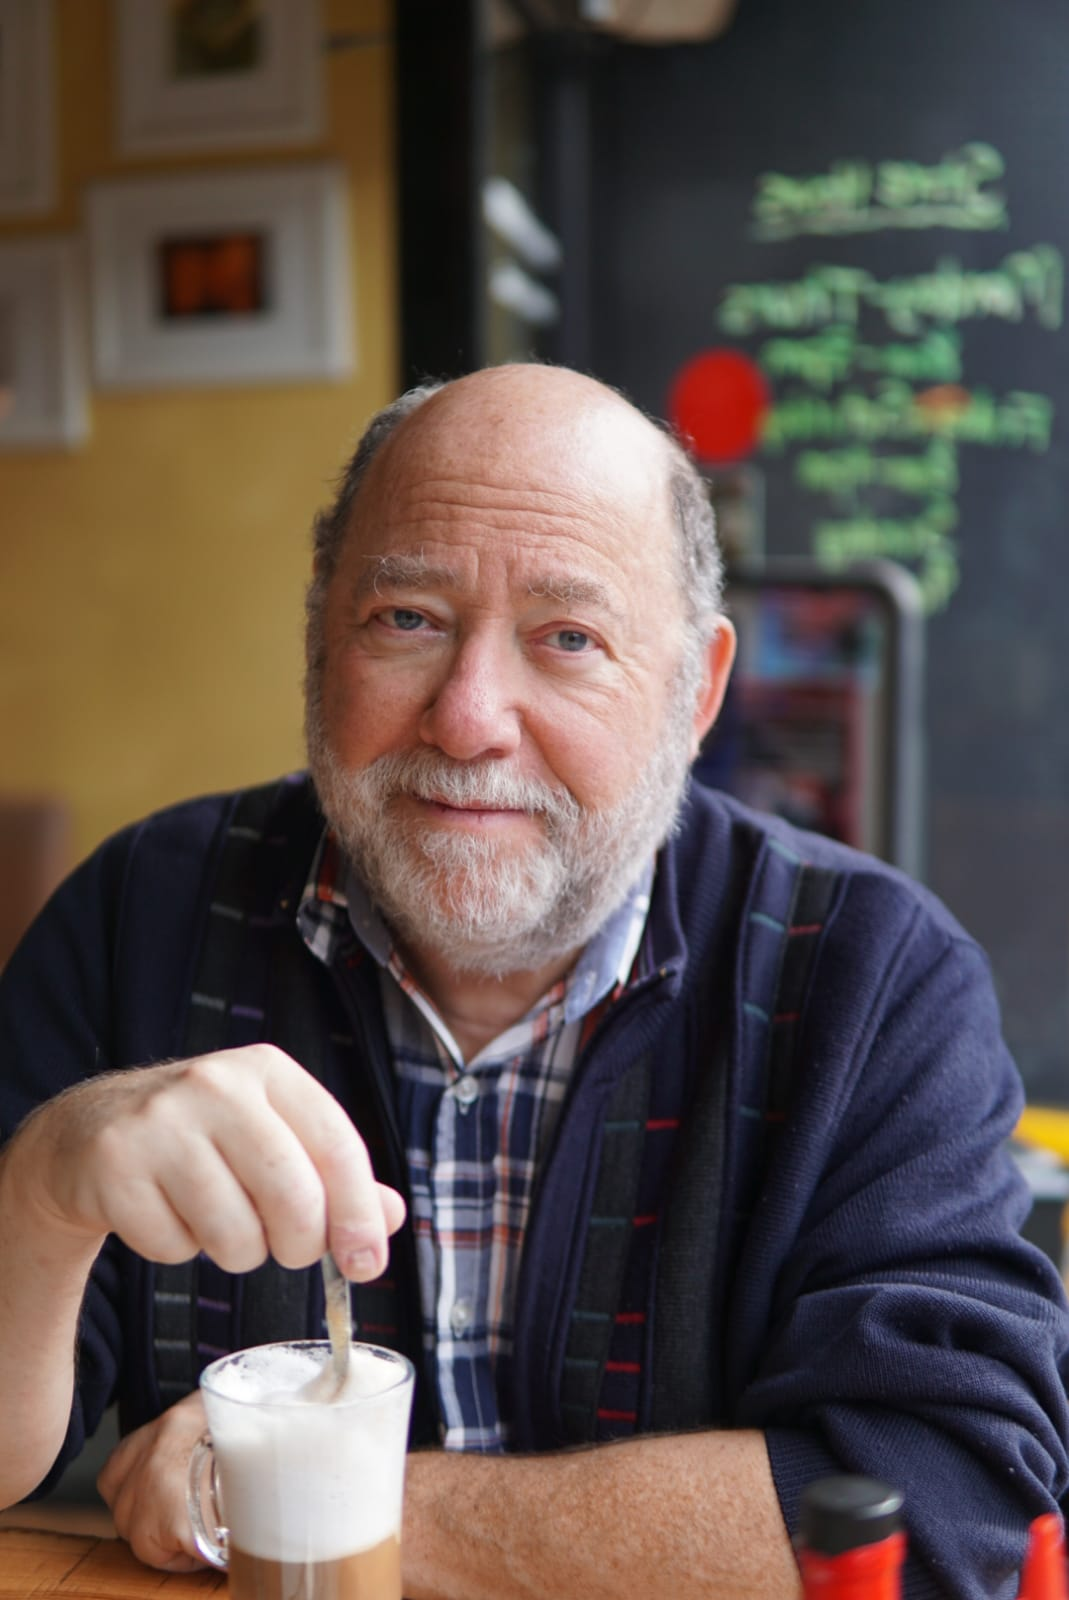 Alain Finkel